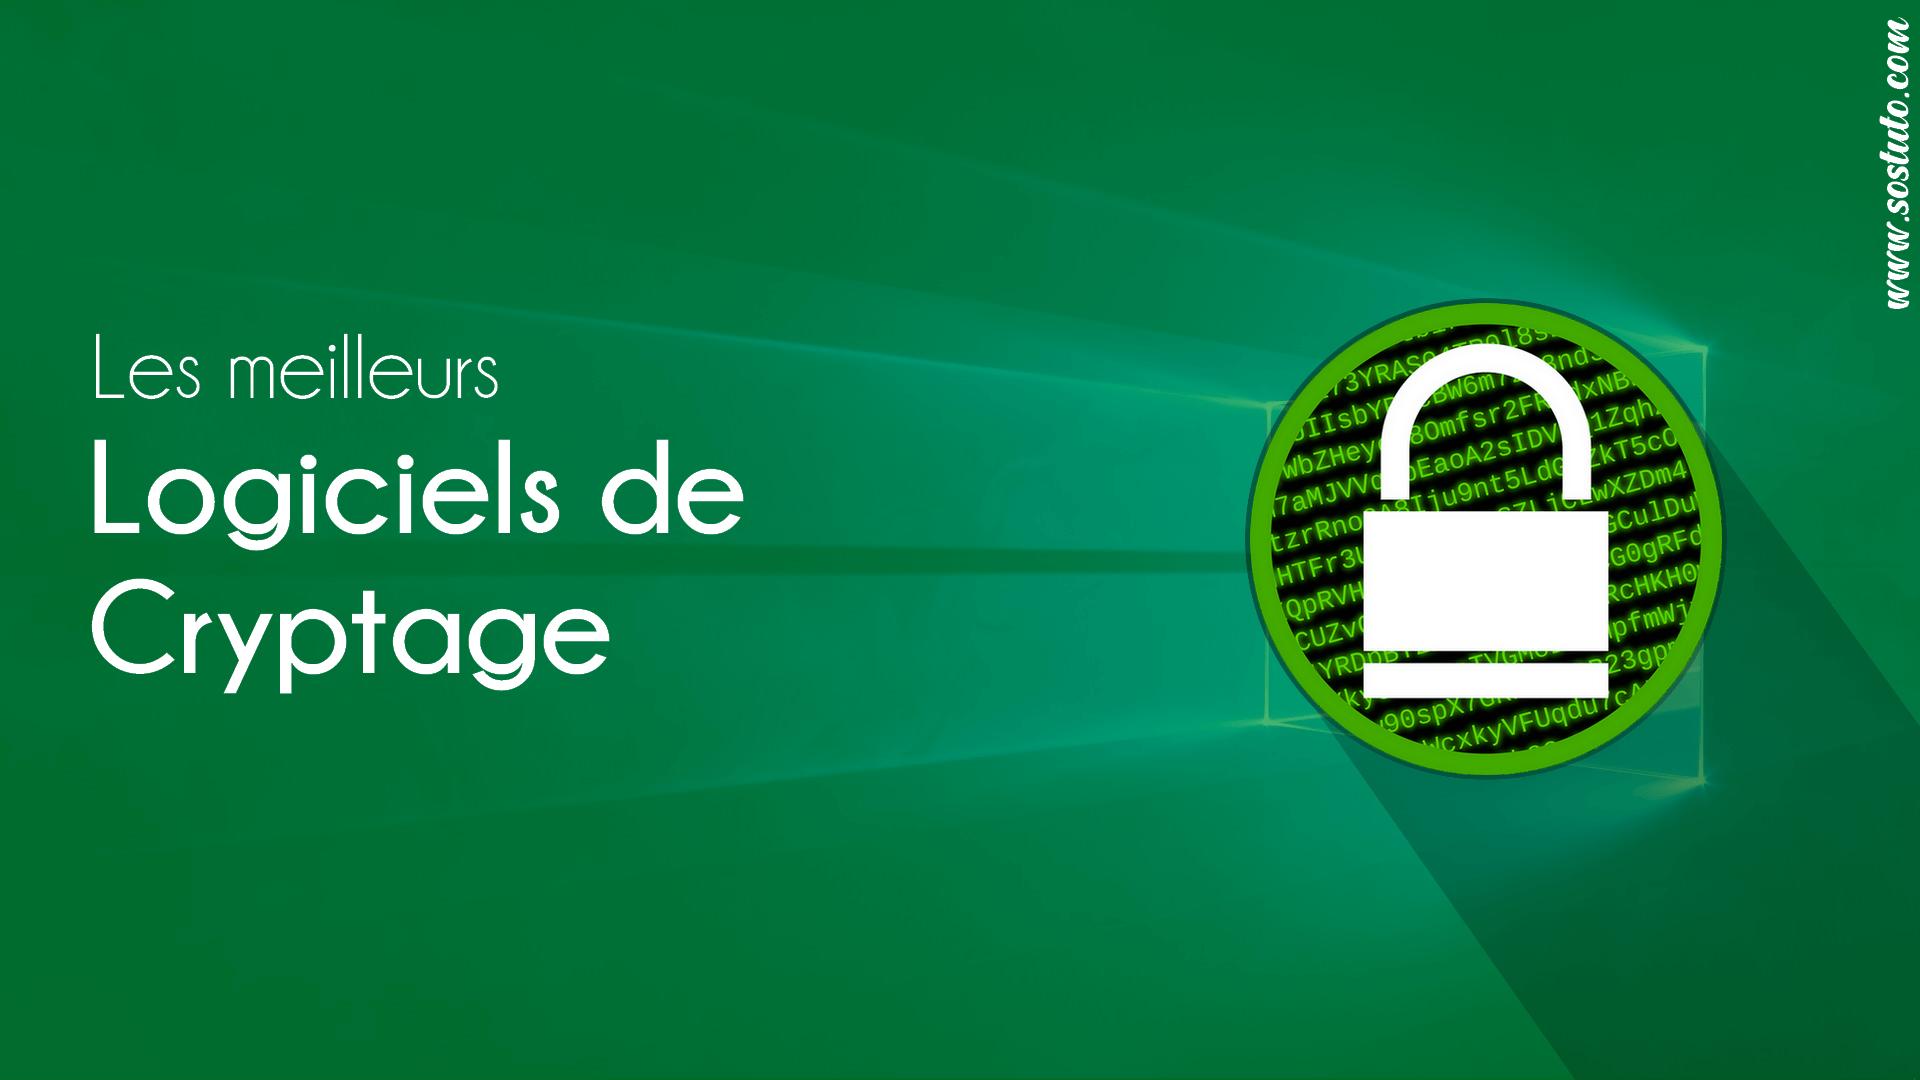 Les logiciels de cryptage sur Windows Top 5 Meilleurs Logiciels de Cryptage Gratuits sous Windows